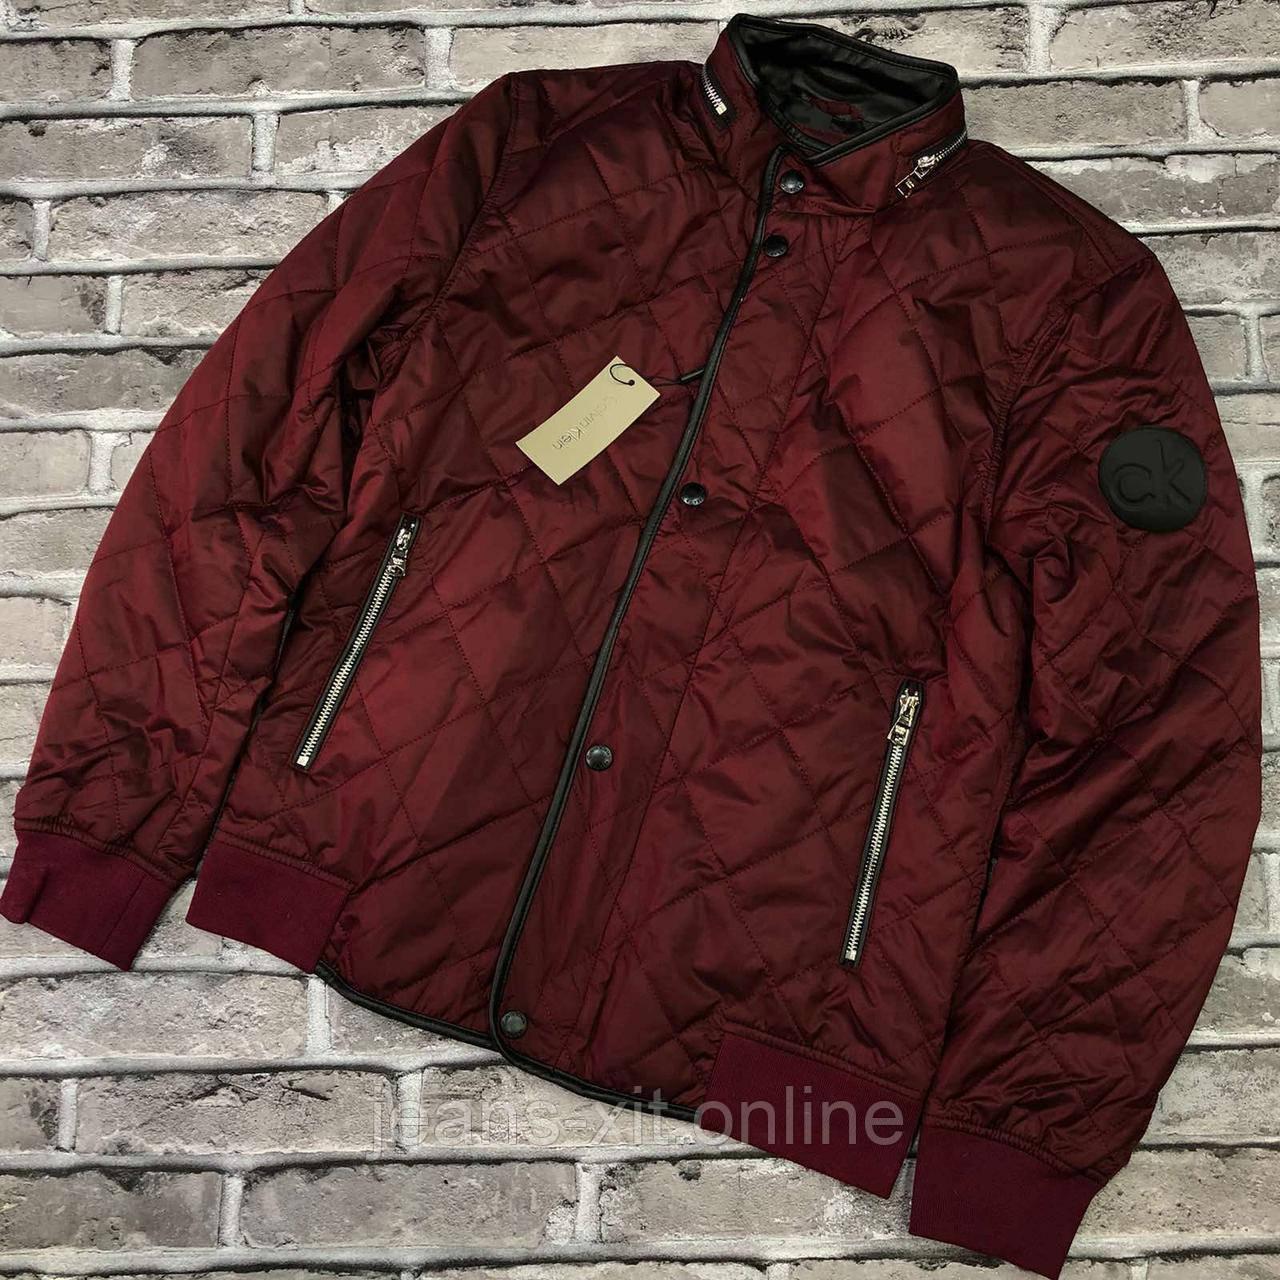 Куртка мужская 2XL(р) бордо 209083 Ck Турция Весна-C